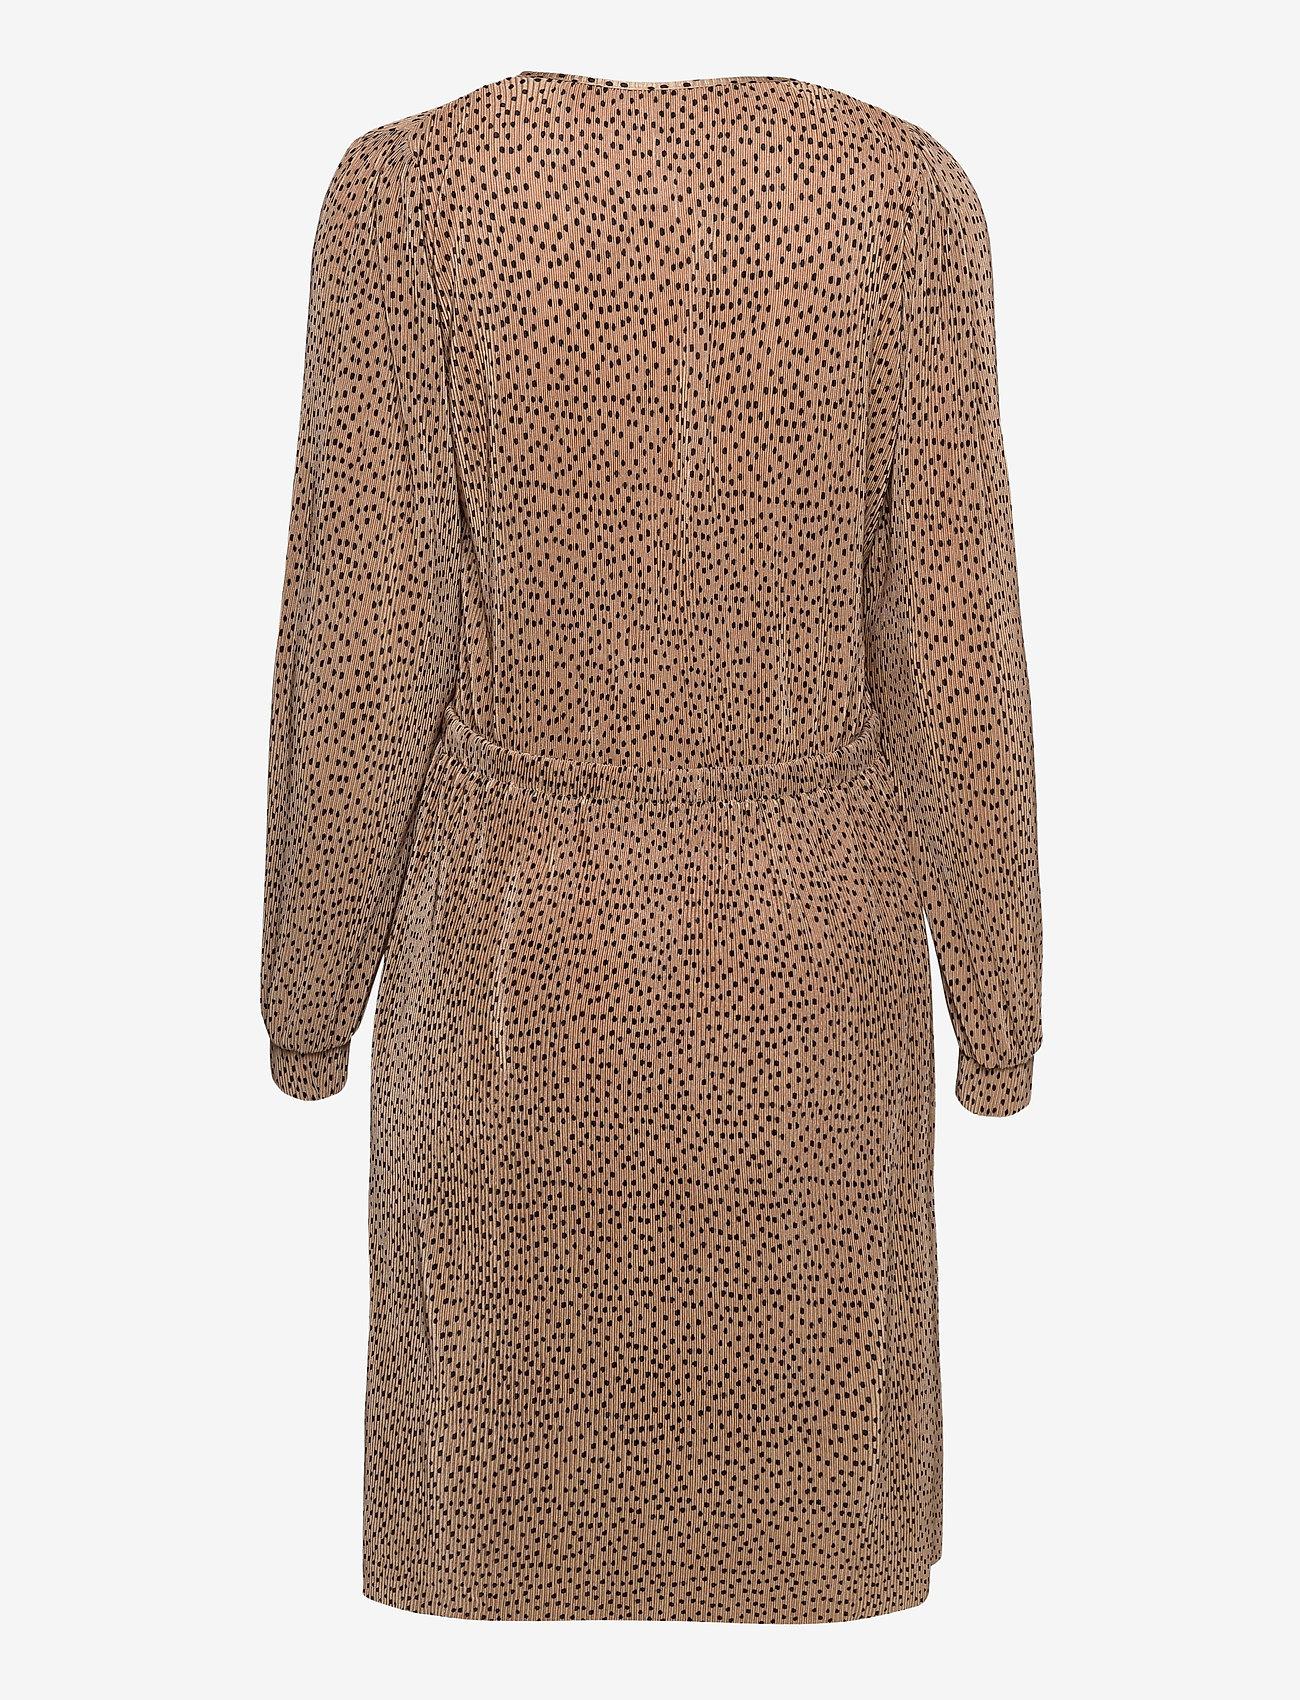 Soyaconcept - SC-NELLIE - midi dresses - camel combi - 1